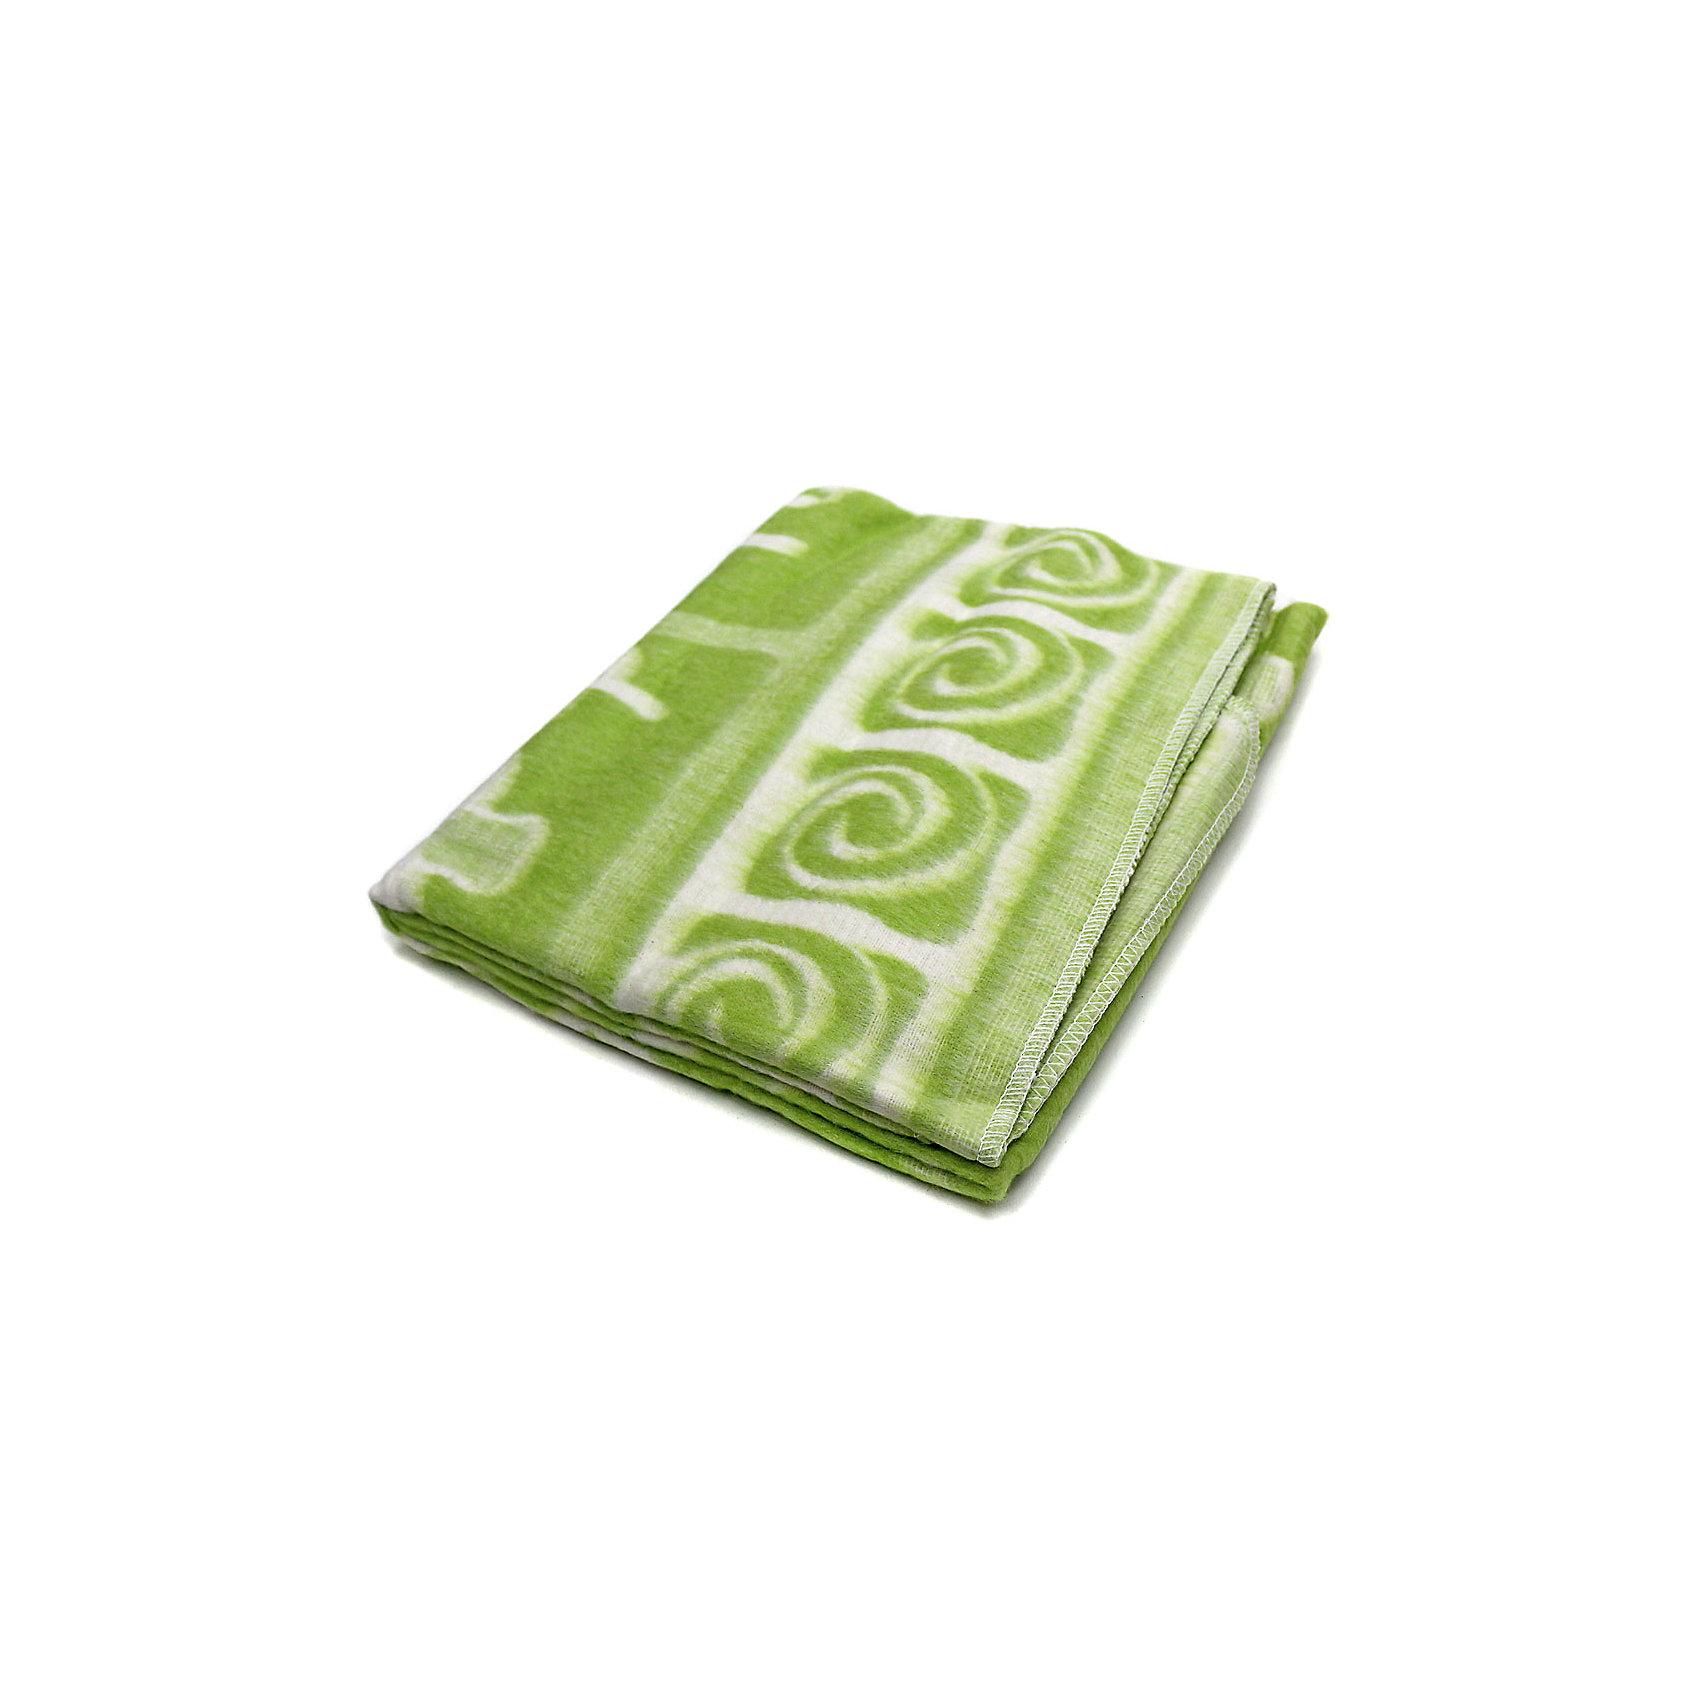 Байковое одеяло 110х118 см. (жаккард), Топотушки, фисташковыйОдеяла, пледы<br>Байковое одеяло 110х118 см. (жаккард), Топотушки, фисташковый<br><br>Характеристики:<br><br>-Размер: 100х118 см<br>-Цвет: фисташковый<br>-Материал: отбеленная и крашеная пряжа, 100% хлопок<br><br>Байковое одеяло 110х118 см. (жаккард), Топотушки, фисташковый согреет вашего ребёнка в холодное время года. Одеяло выполнено из 100% хлопка, поэтому не вызовет аллергическую реакцию. Весёлые картинки будет радовать вашего ребёнка. Оно большого размера, поэтому его можно использовать и в пеленании ребёнка. Оно мягкое и приятное на ощупь, поэтому сделает сон вашего ребёнка еще комфортнее. <br><br>Байковое одеяло 110х118 см. (жаккард), Топотушки, фисташковый можно приобрести в нашем интернет-магазине.<br><br>Ширина мм: 370<br>Глубина мм: 360<br>Высота мм: 30<br>Вес г: 580<br>Возраст от месяцев: 0<br>Возраст до месяцев: 36<br>Пол: Унисекс<br>Возраст: Детский<br>SKU: 5086337